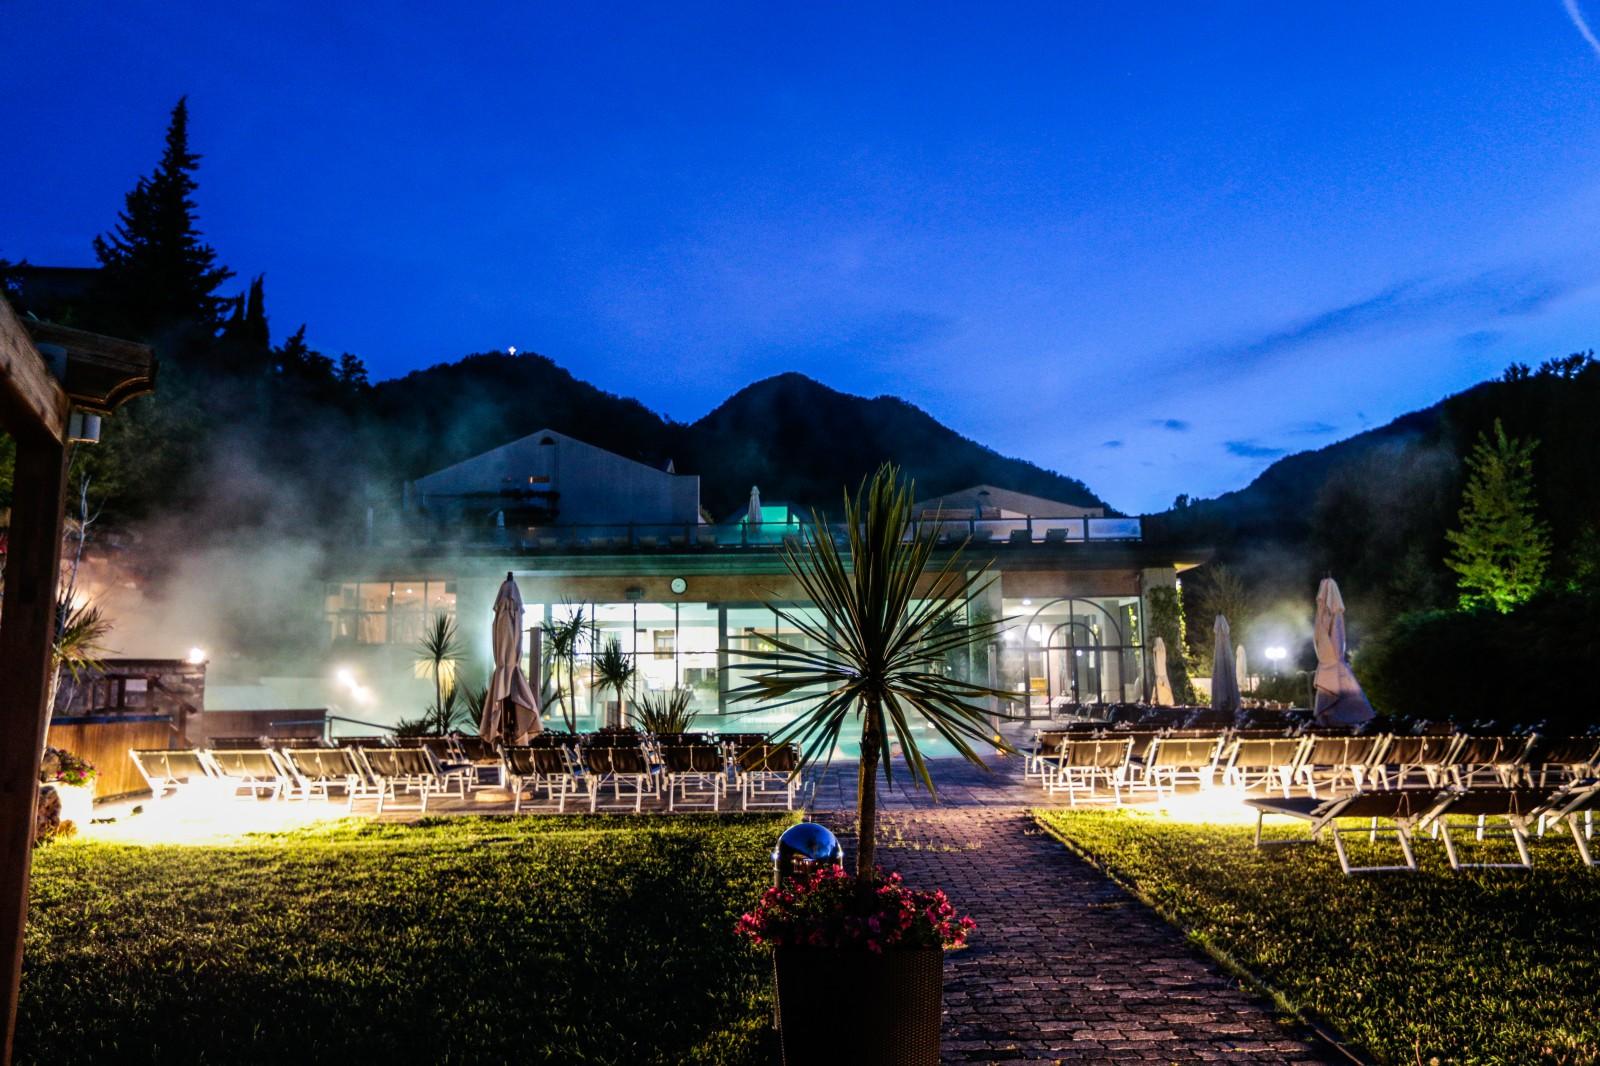 Roseo euroterme wellness resort un 39 oasi di pace a bagno di - Hotel roseo bagno di romagna ...